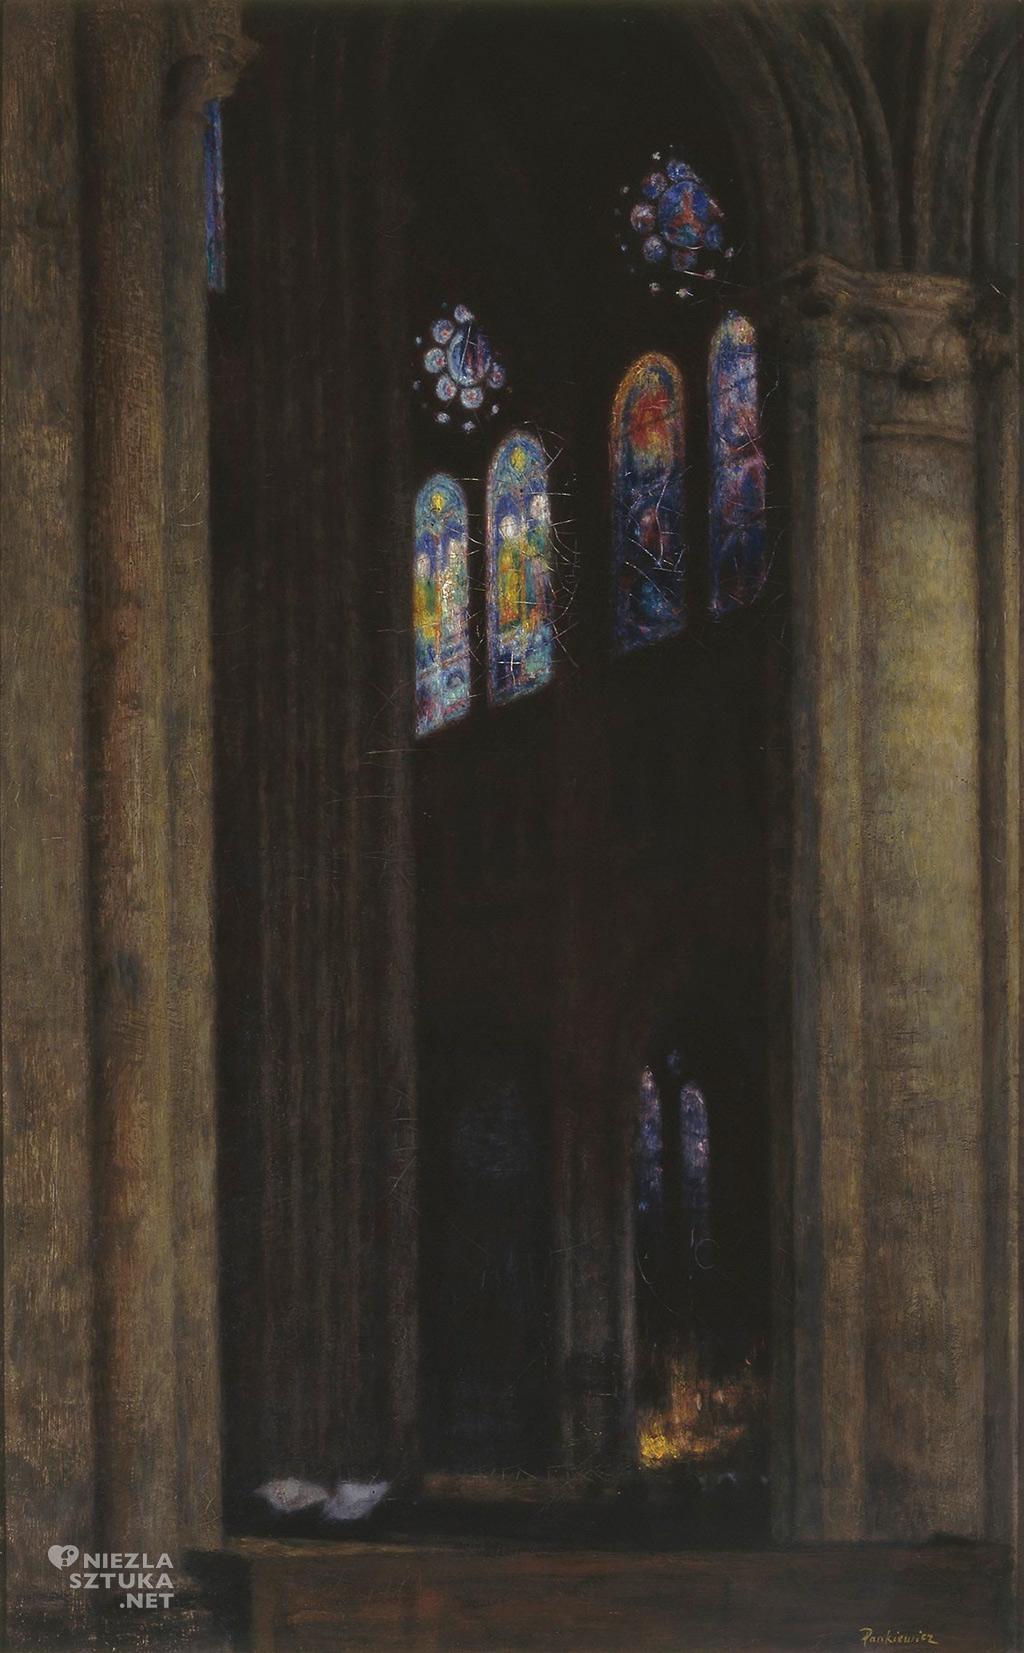 Józef Pankiewicz, Wnętrze katedry w Chartres, sztuka polska, malarstwo polskie, Niezła sztuka